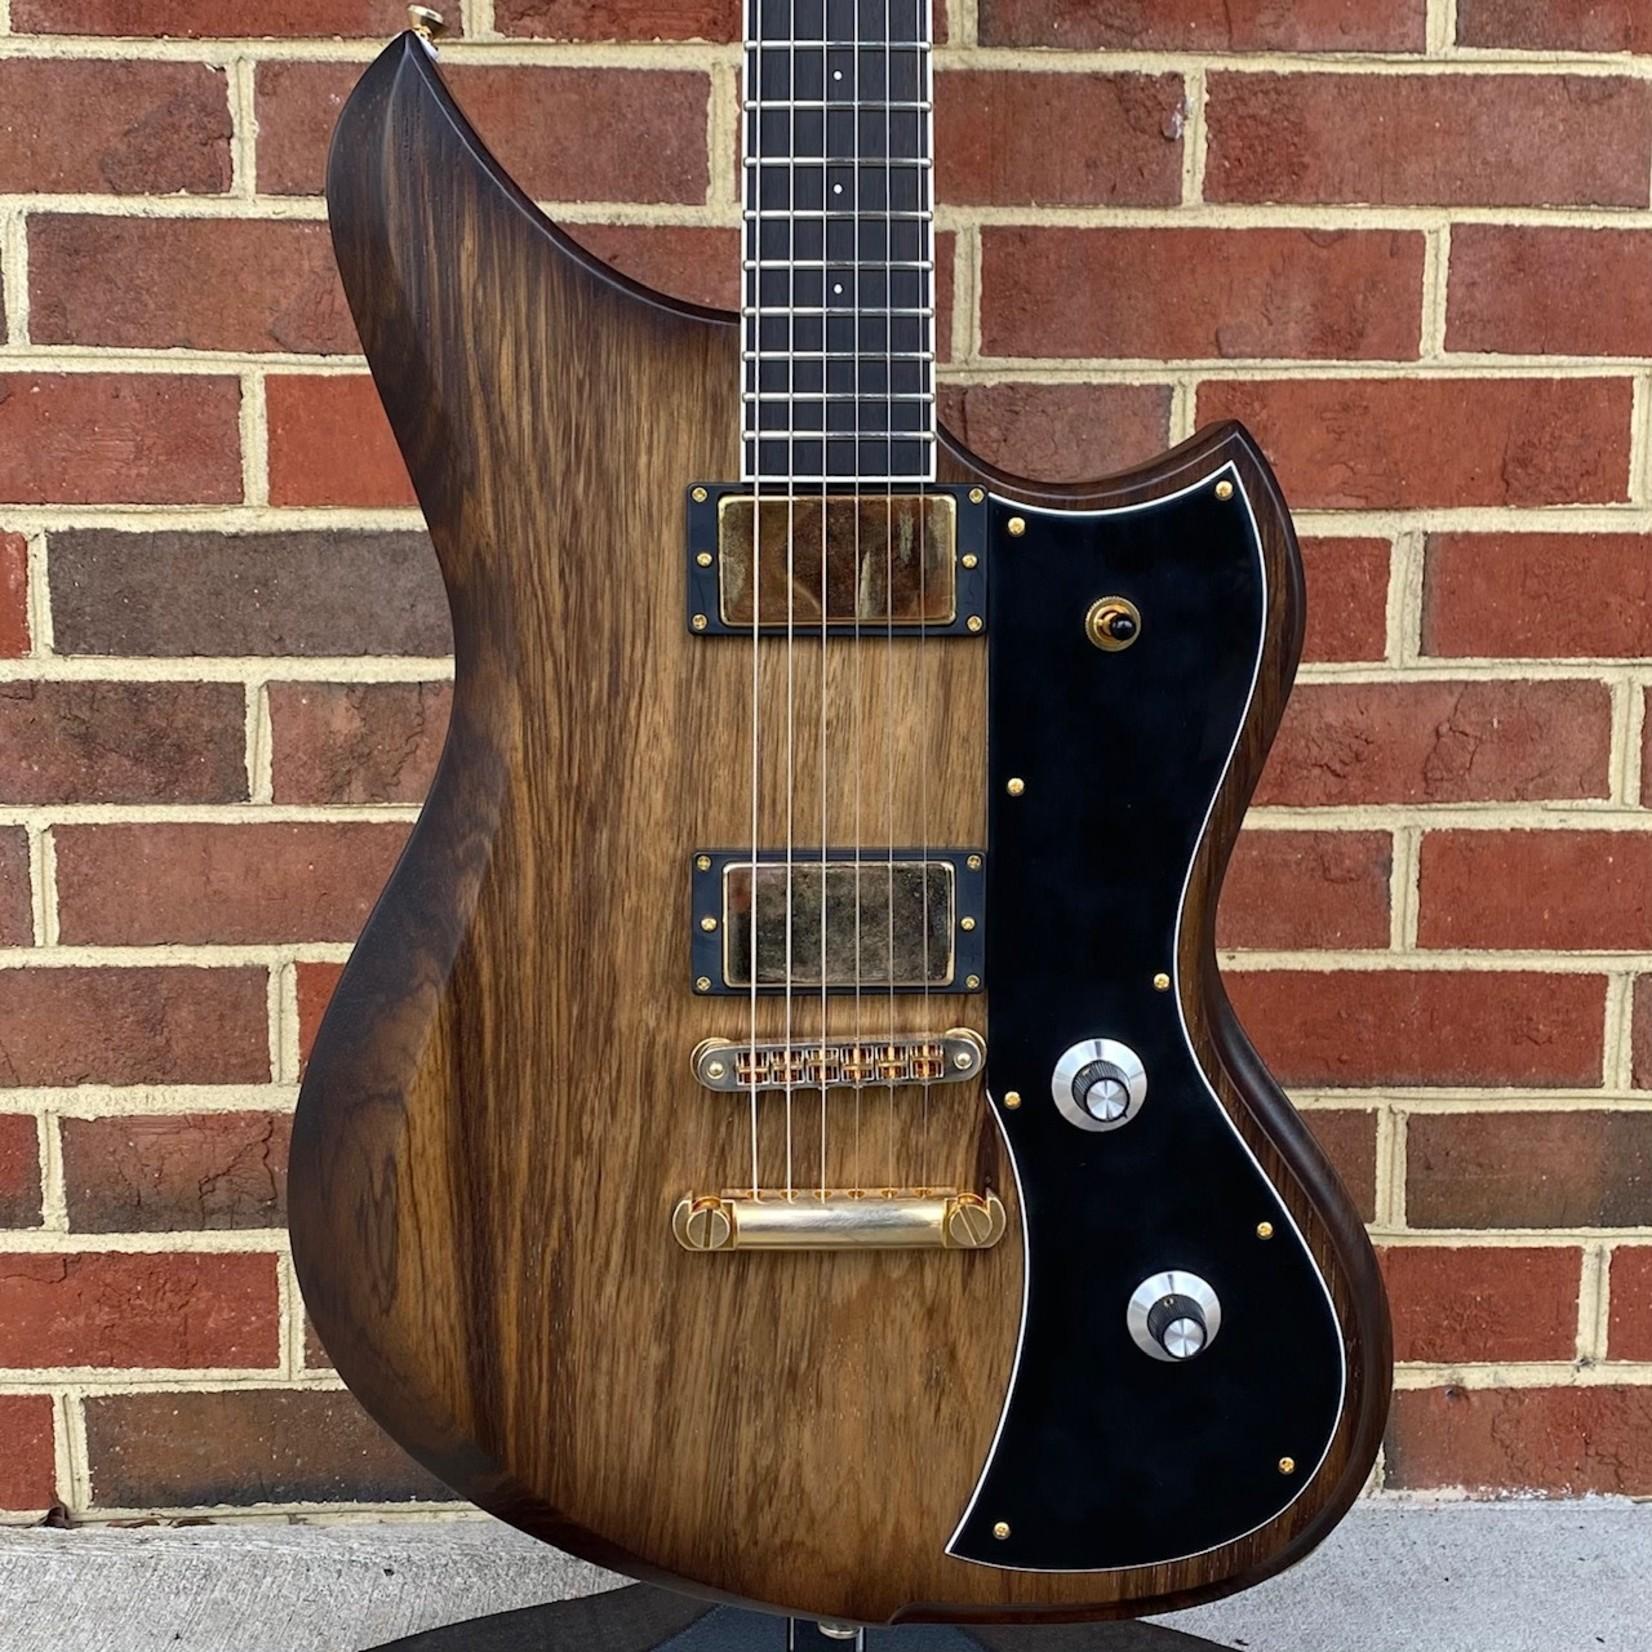 Dunable Guitars Dunable Guitars USA Custom Shop Yeti, Black Limba Body, Shaded Edge Burst, Ebony Fretboard w/ White Binding, Baphomet Pickups, Aged Gold Hardware, Hardshell Case, SN# 21207